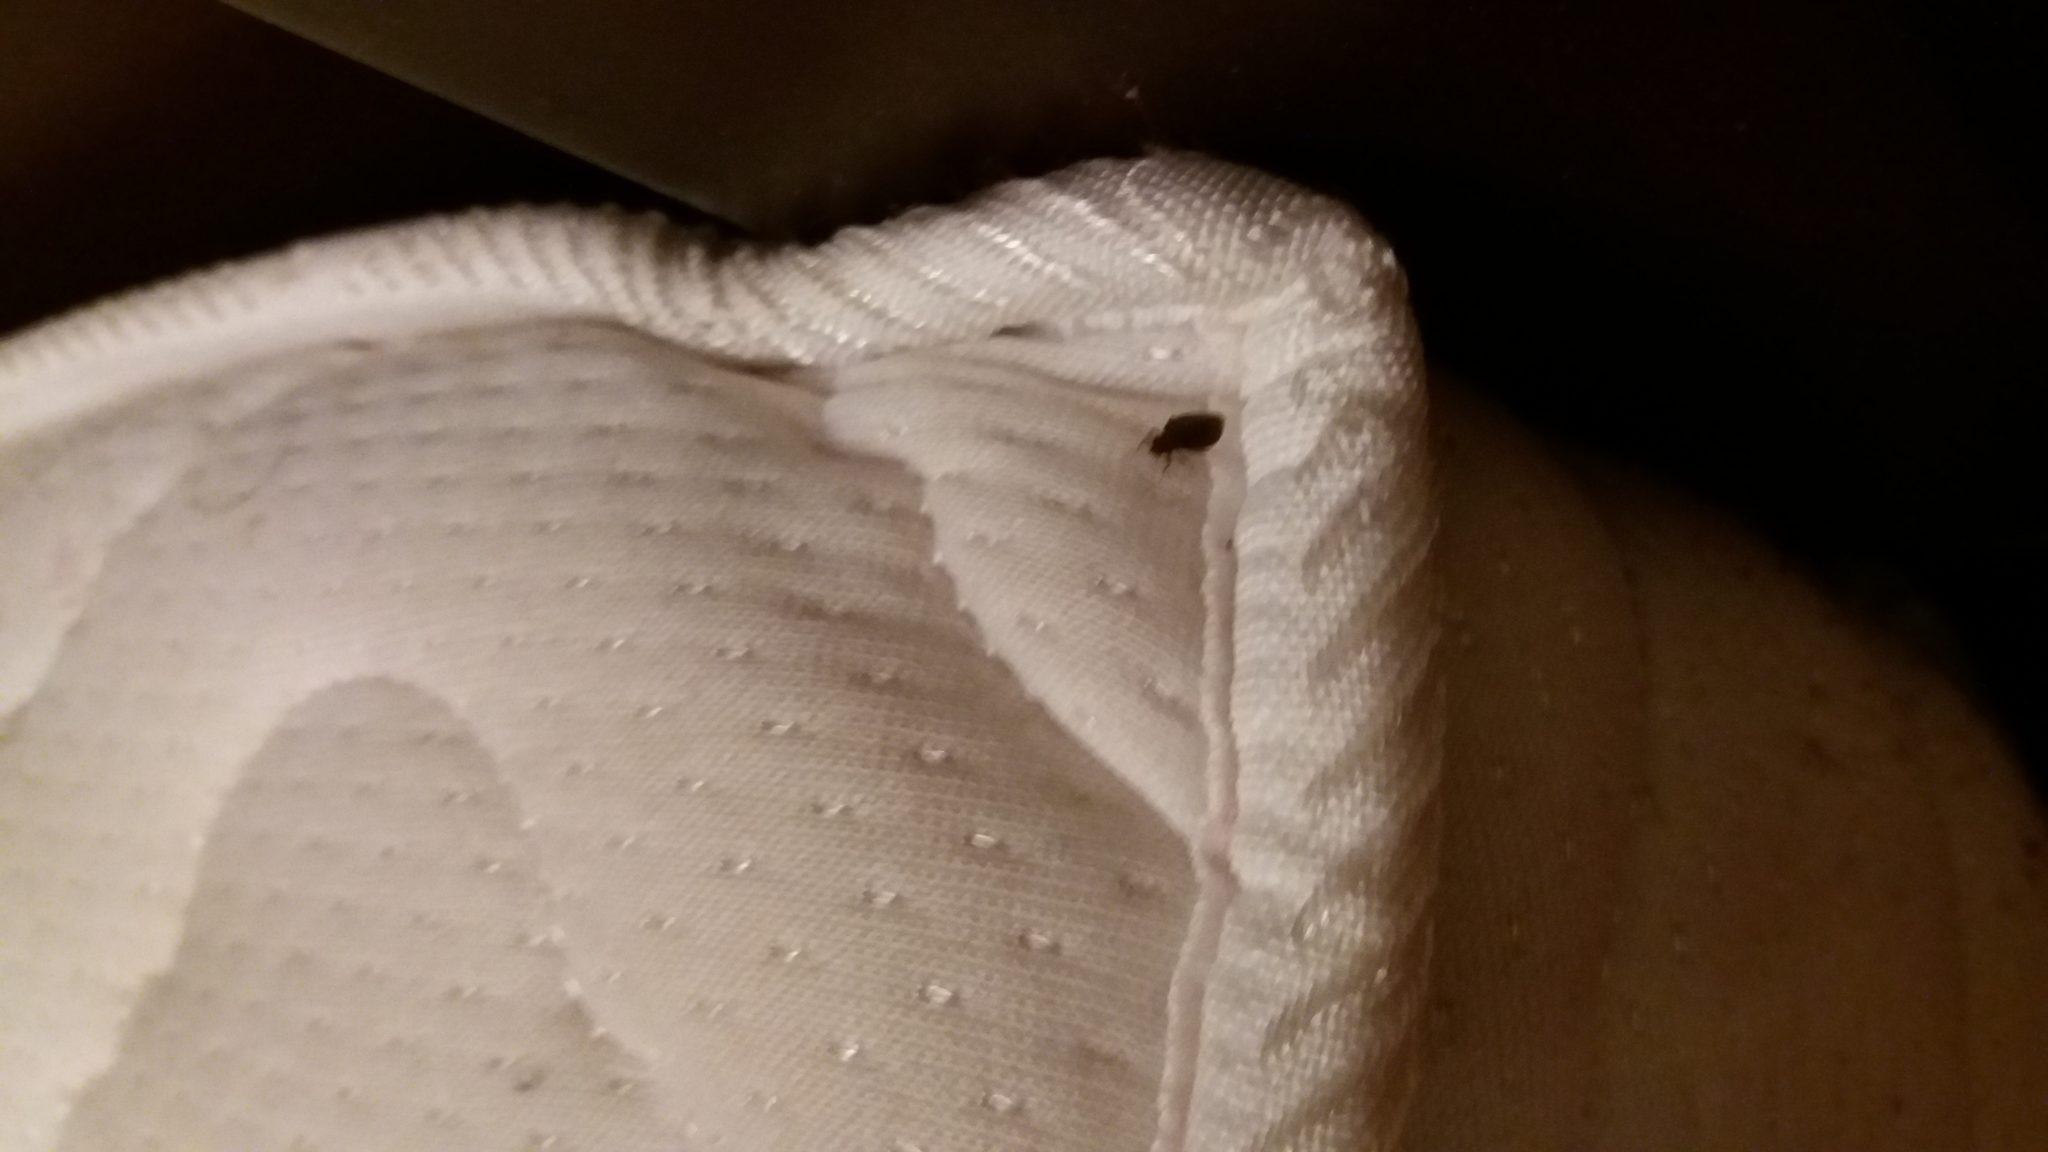 ساس چه شکلیه؟ساس تختخوابی،سمپاشی ساس،سمپاشی اصولی ساس،سمپاشی ،سمپاشی موش